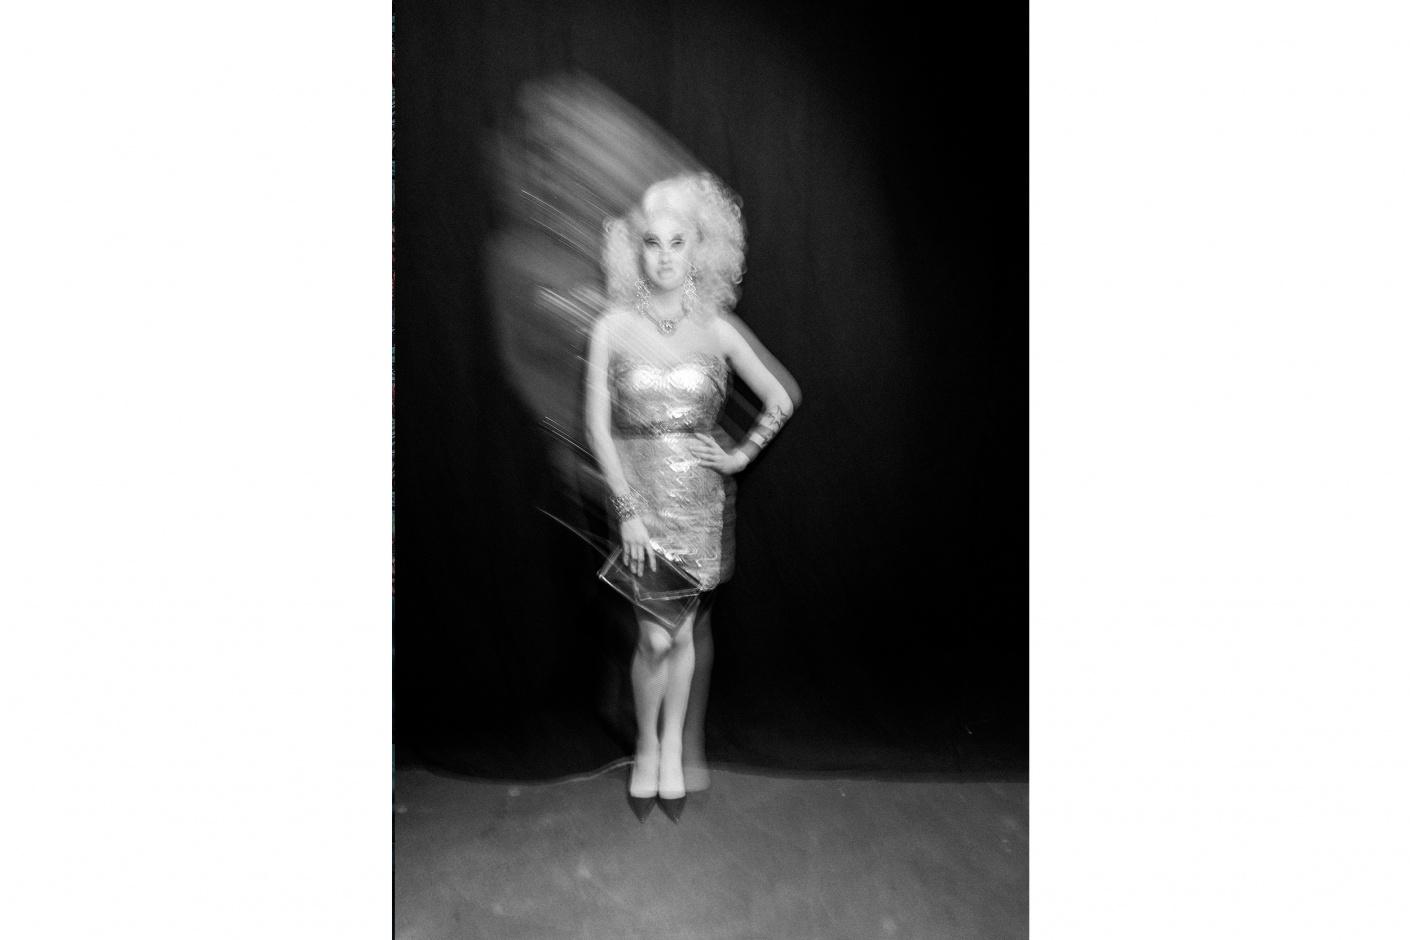 LADY GALORE | Jelle Pieter de Boer | DOGFEED